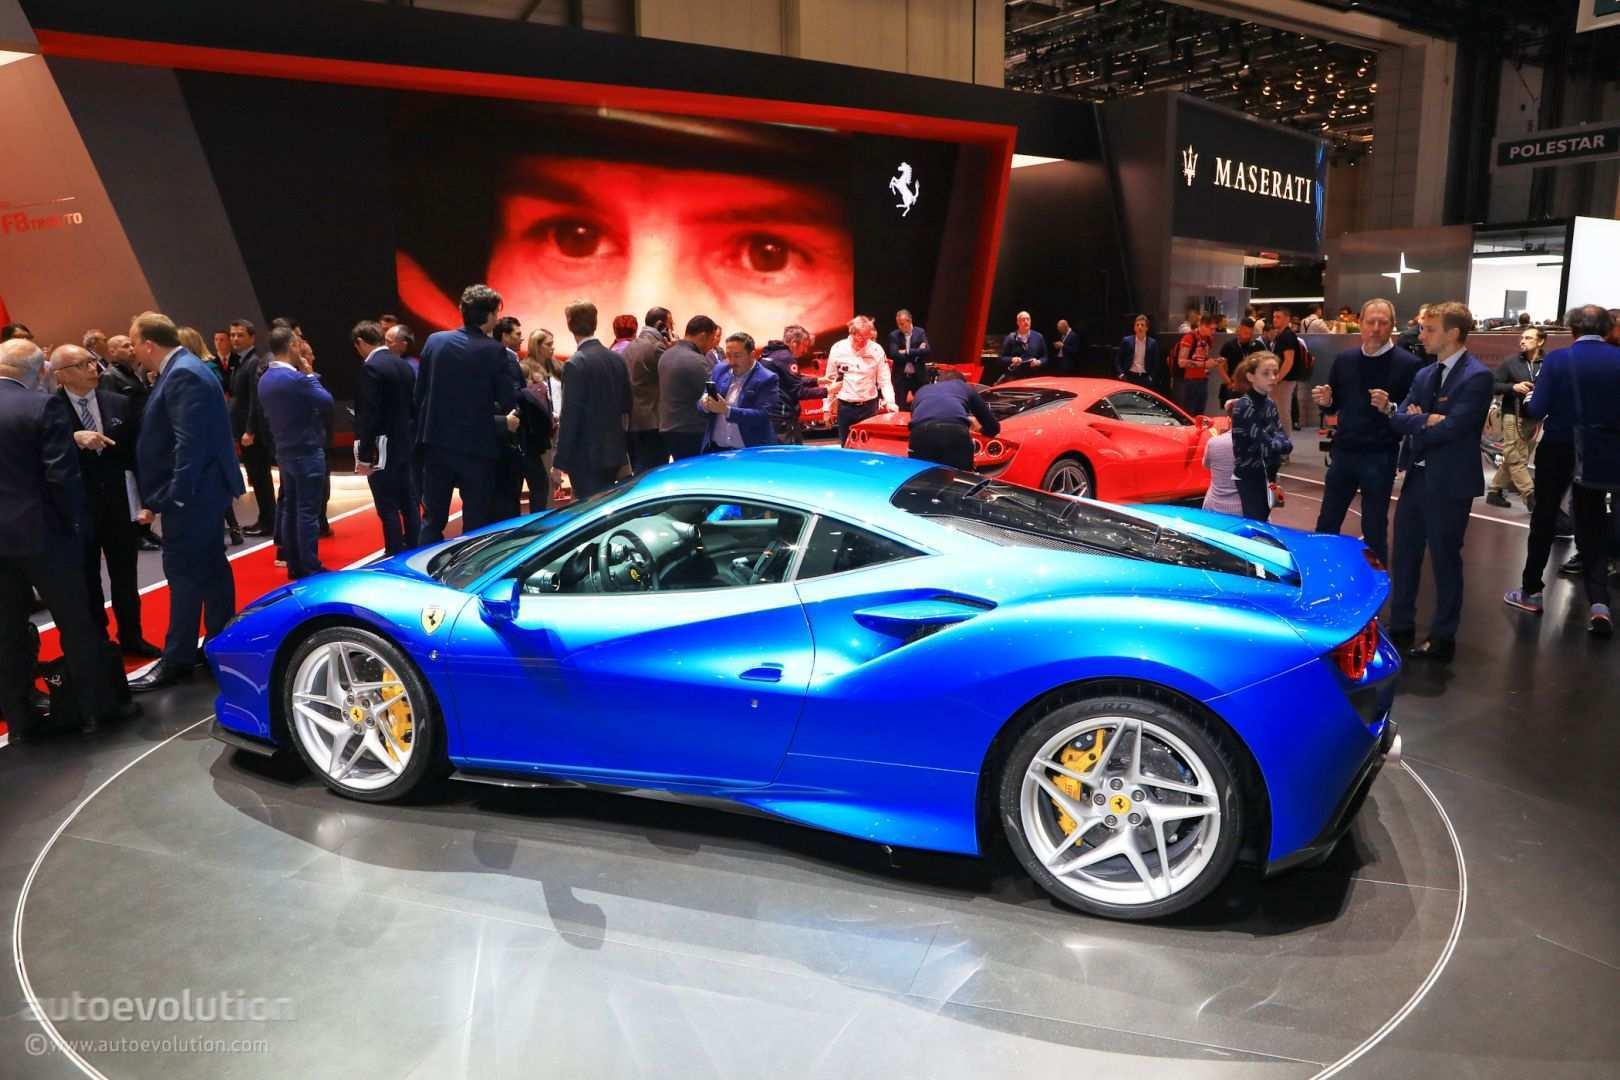 64 Gallery of Ferrari W 2020 New Concept with Ferrari W 2020